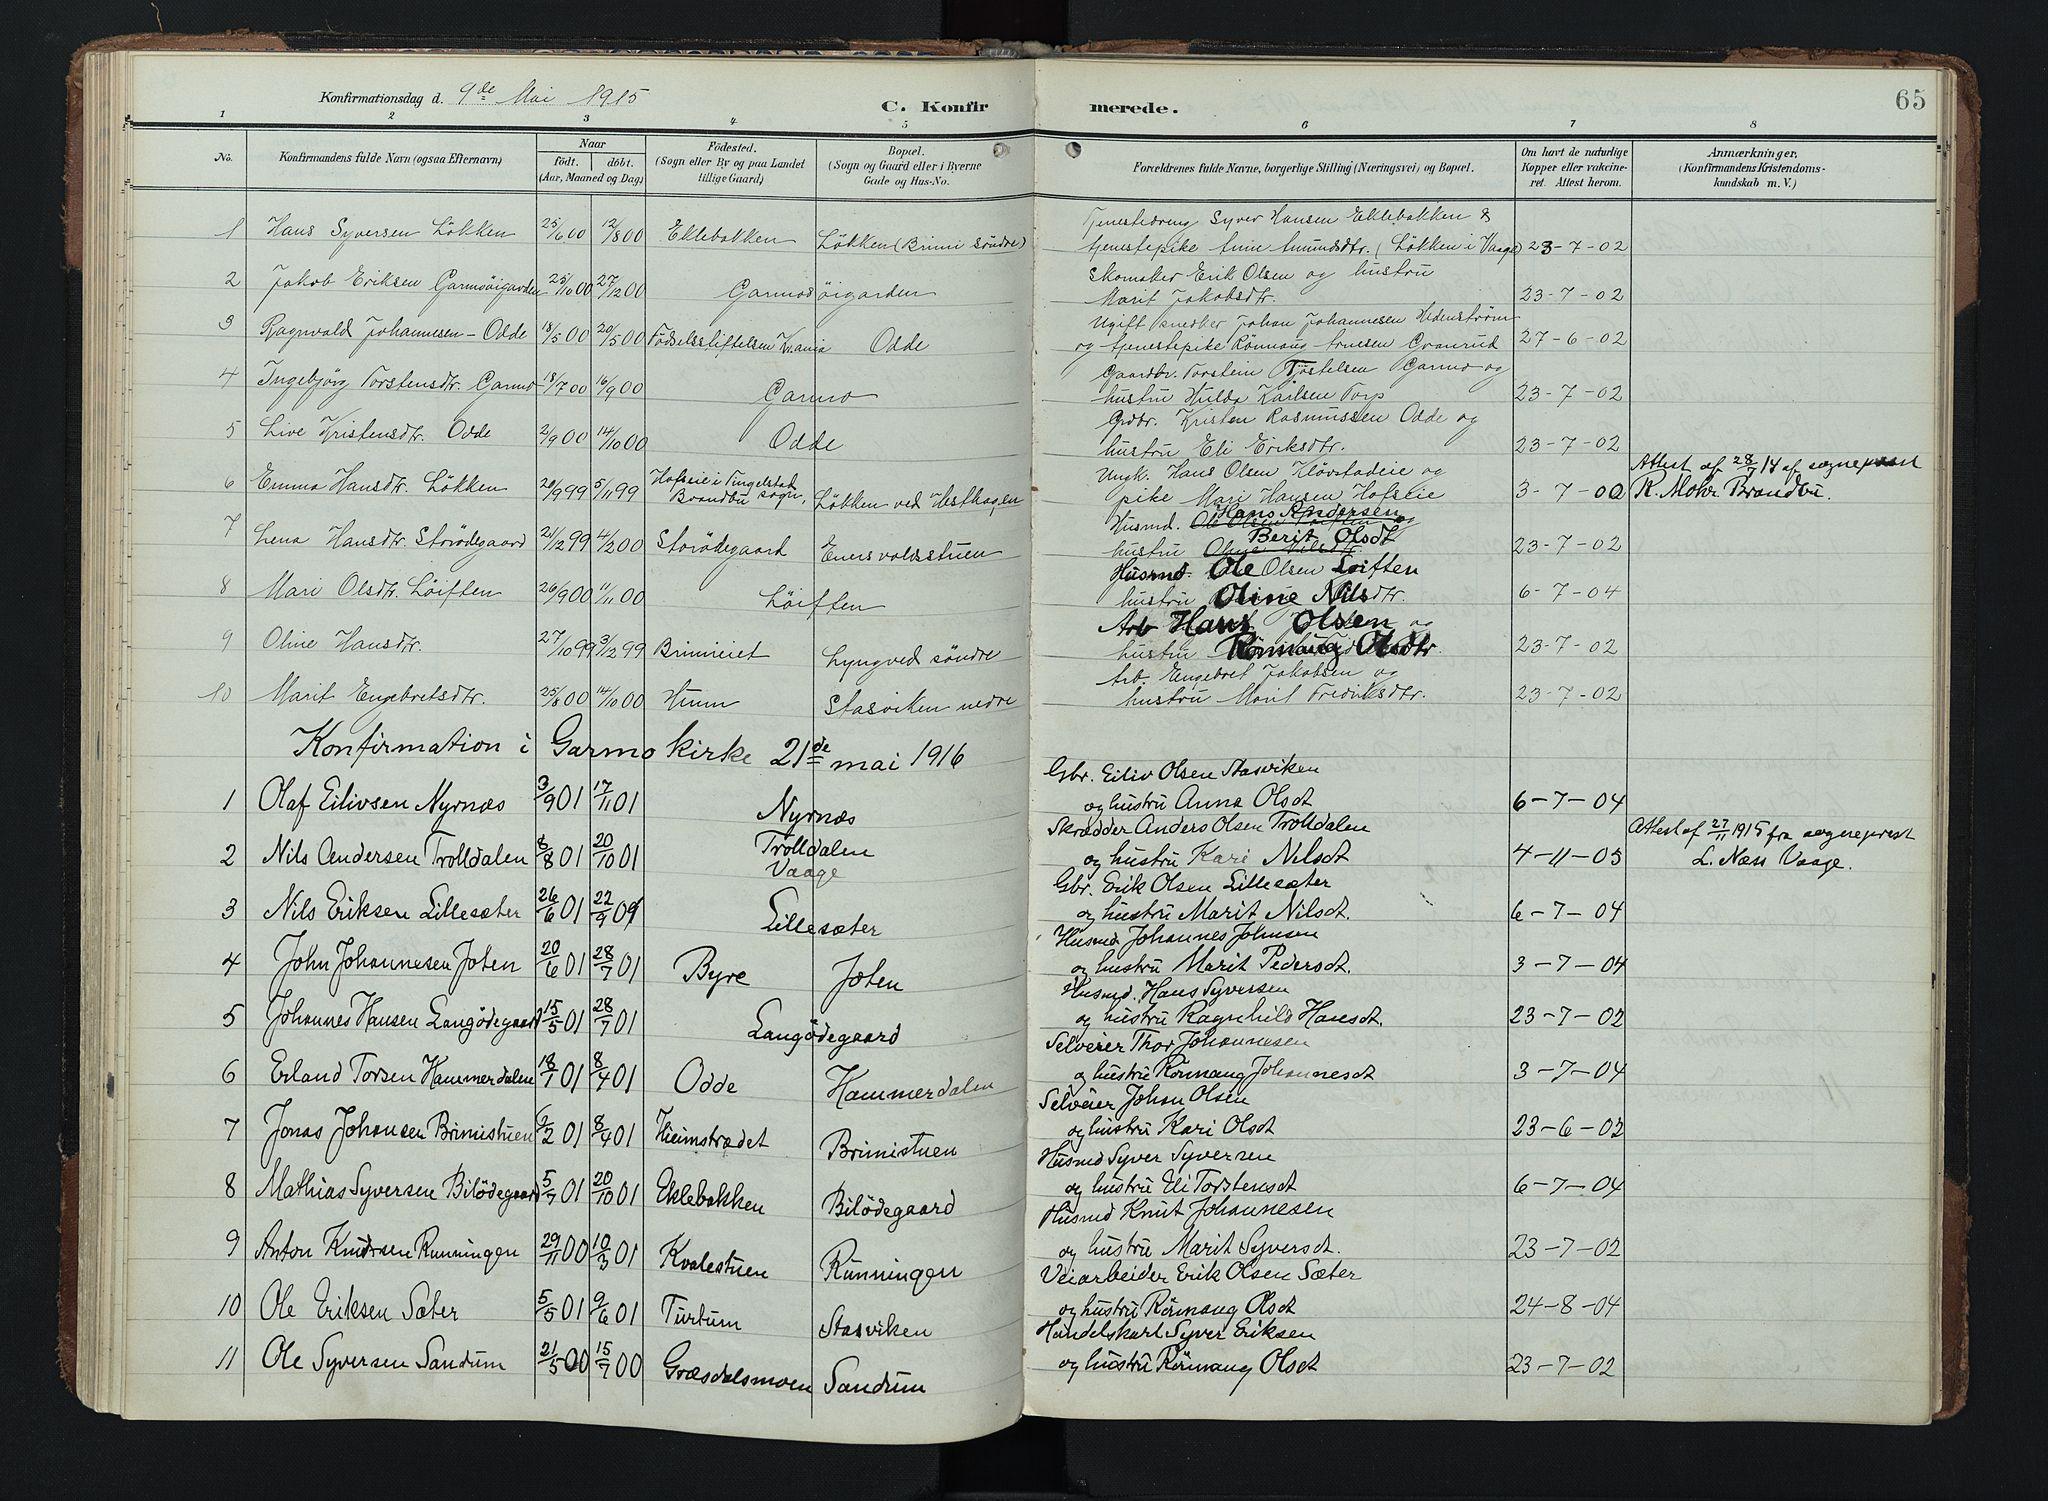 SAH, Lom prestekontor, K/L0011: Ministerialbok nr. 11, 1904-1928, s. 65